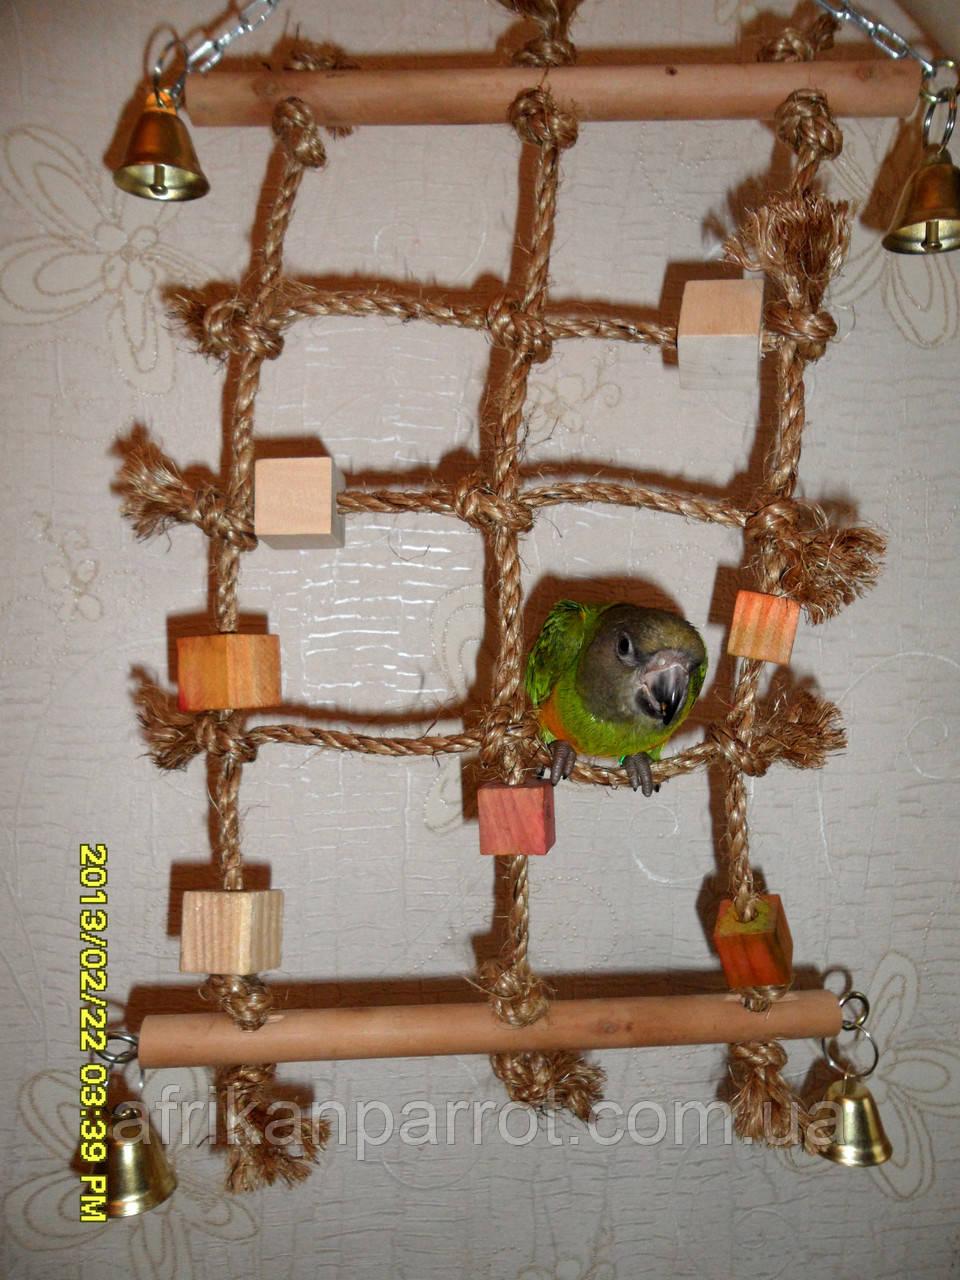 Игрушка для попугая (Веревочная сеть)